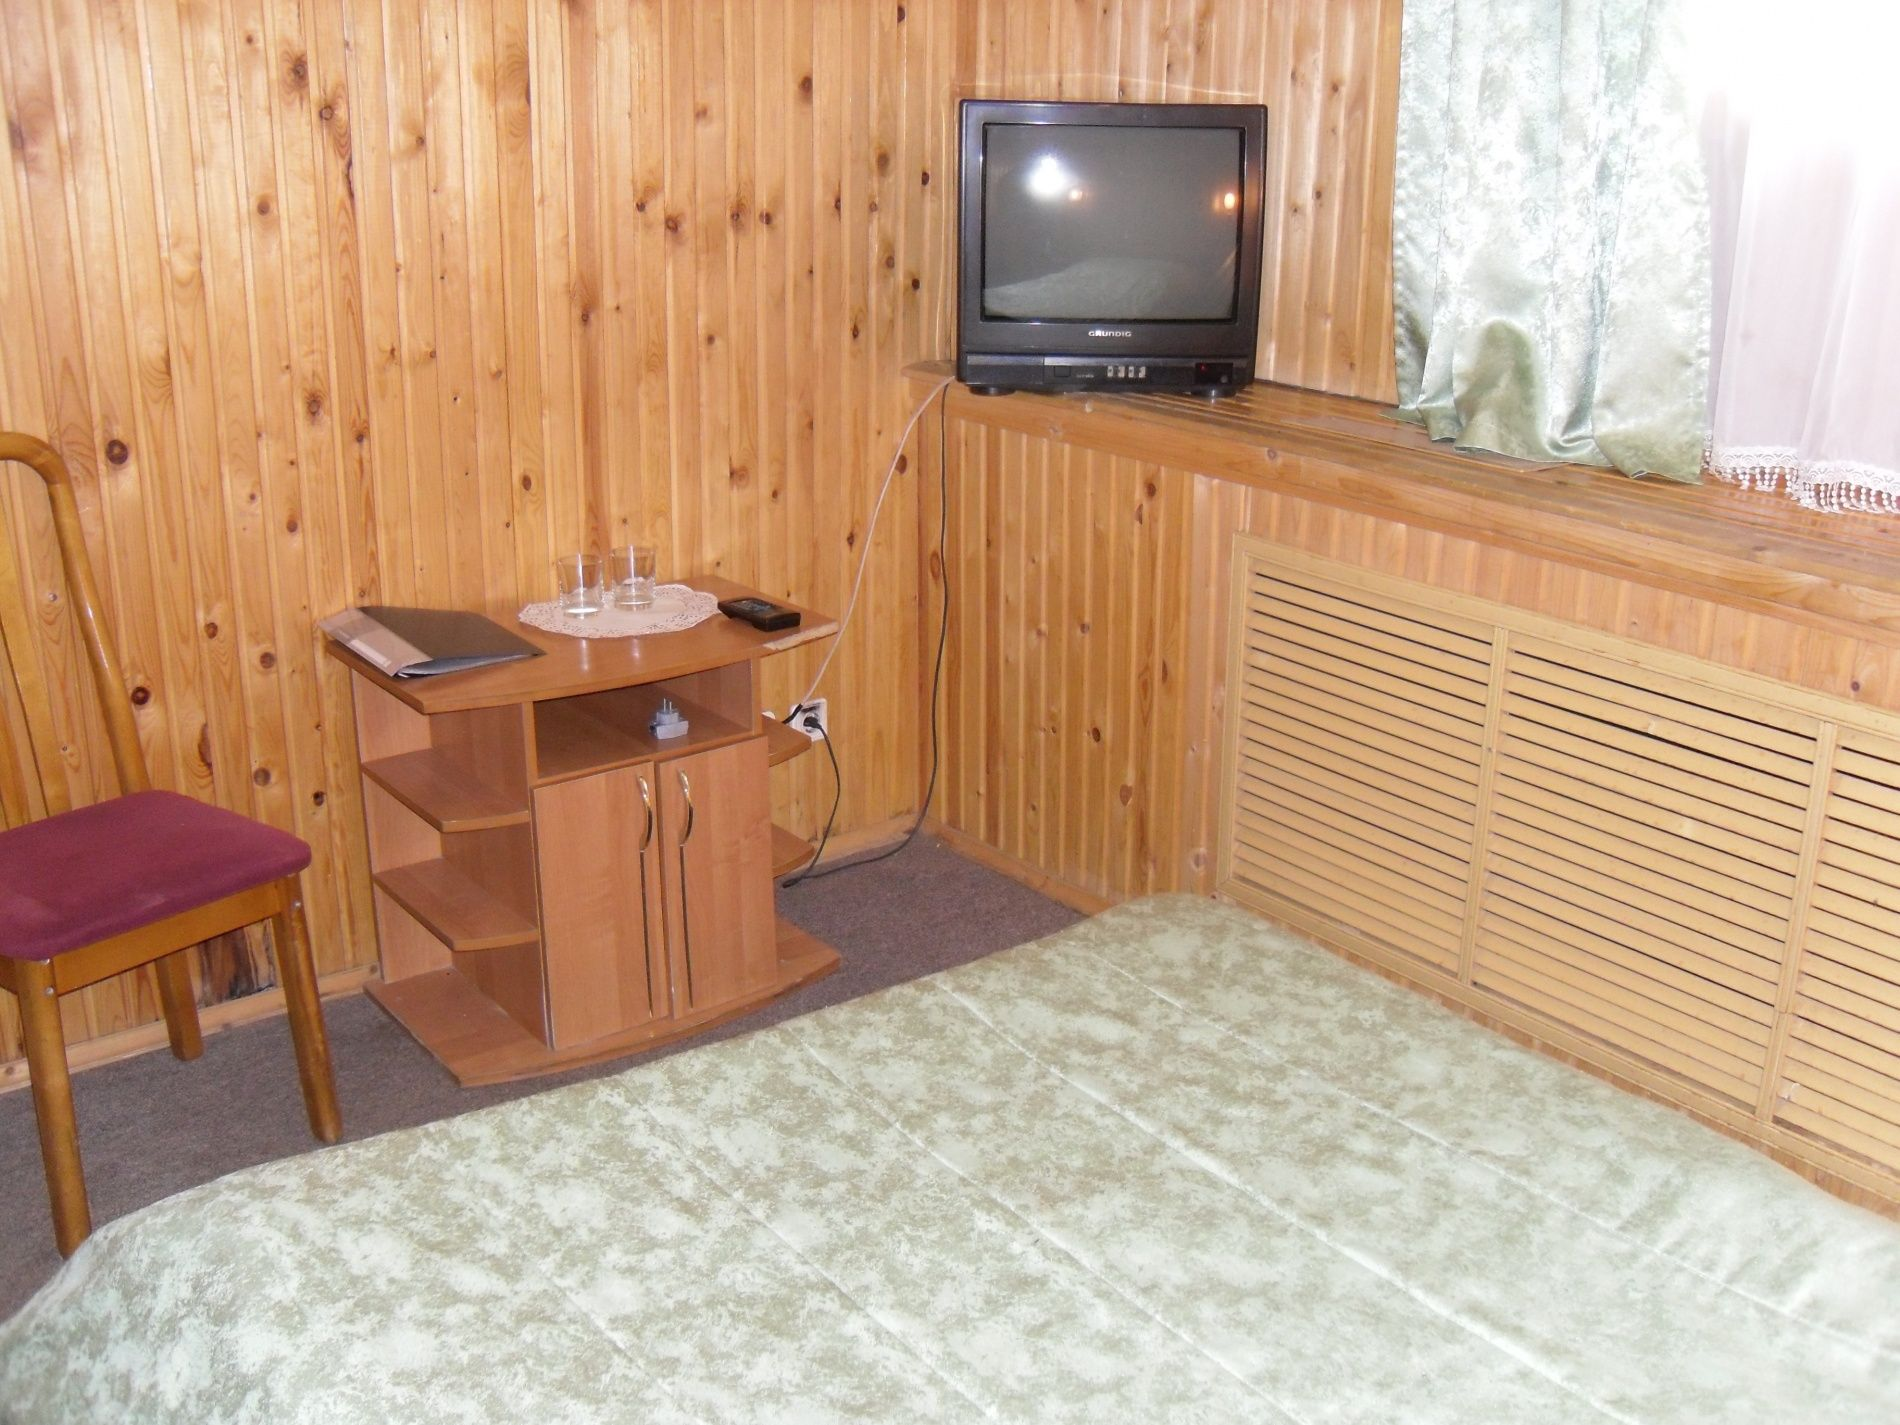 Туристический комплекс «Мирная Пристань» Ивановская область 1-комнатный номер 1 категории (№ 4, 6, 19, 10), фото 4